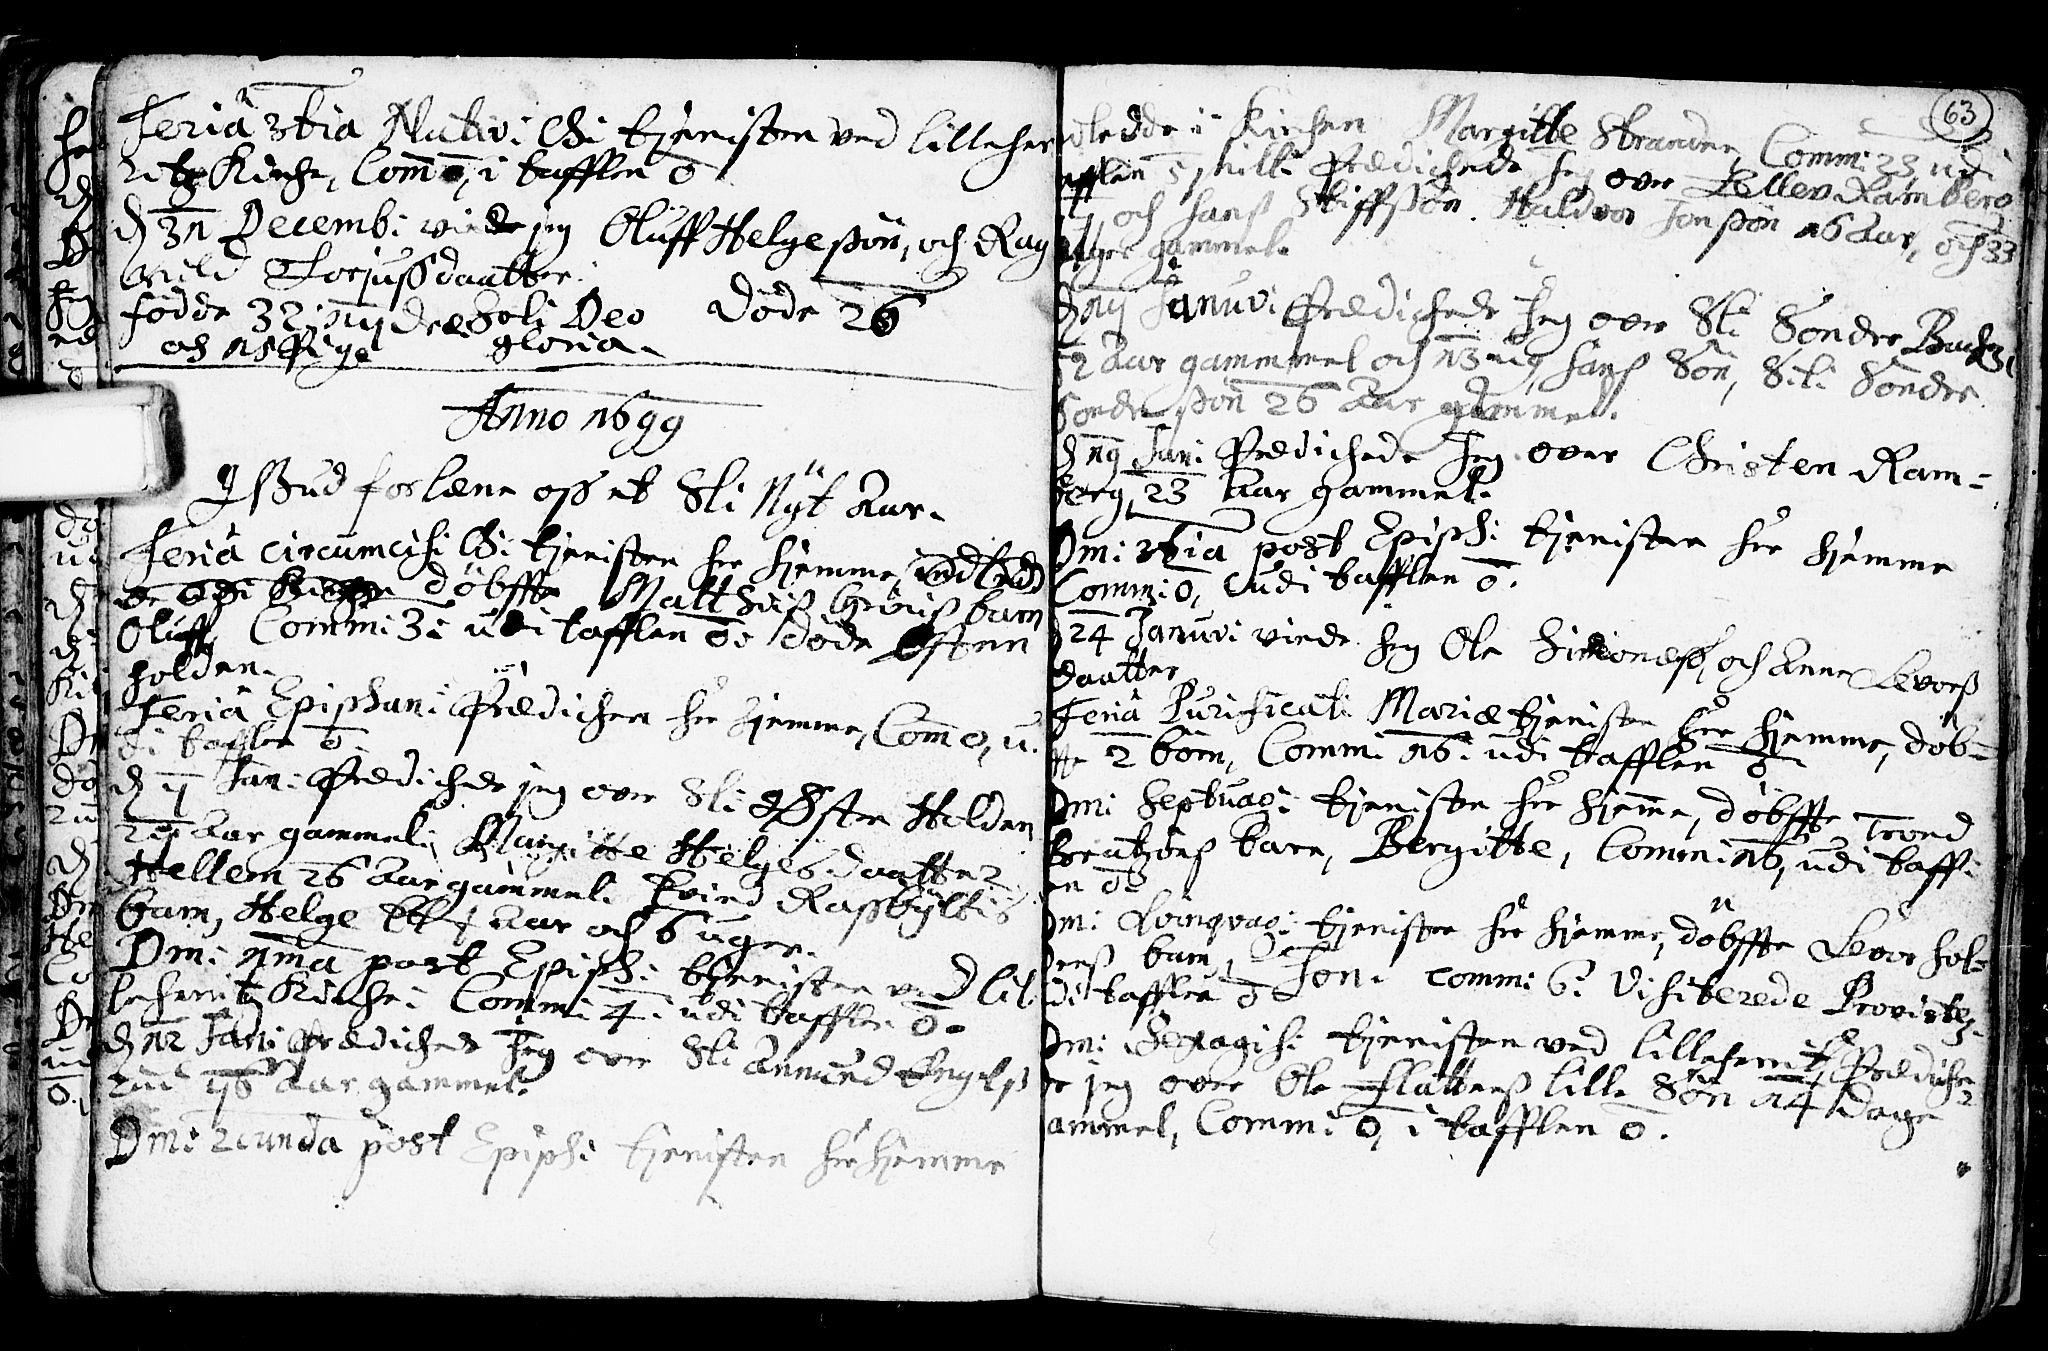 SAKO, Heddal kirkebøker, F/Fa/L0001: Ministerialbok nr. I 1, 1648-1699, s. 63